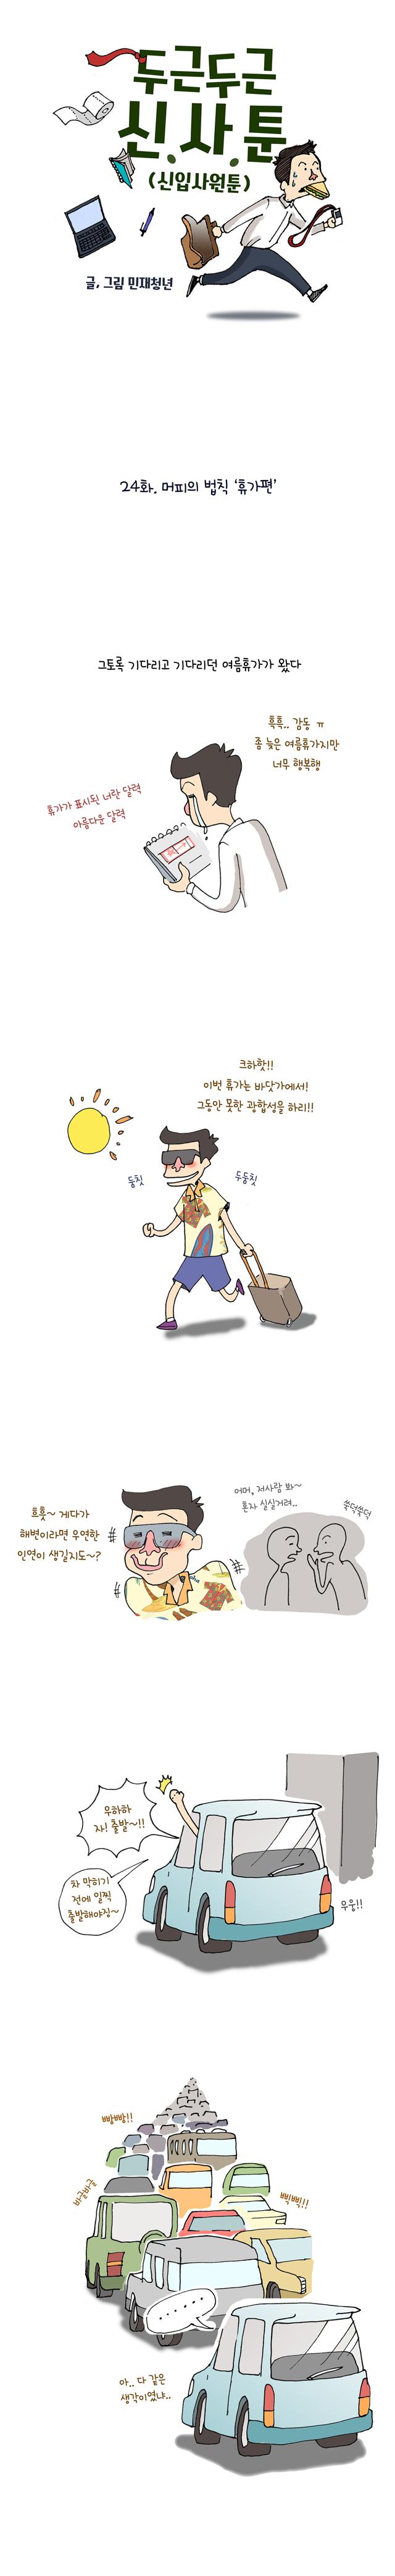 #(상황: 업무땜에 미뤄온 여름휴가를 드디어 가게된 주인공. 달력을 보며 기뻐하고 있음) 나레이션 : 그토록 기다리고 기다리던 여름휴가가 왔다. #(상황: 신나서 휴가 짐을 챙겨 휴가지로 향하는 주인공. 휴가지에서 만날 인연을 생각하며 들떠있는 주인공) 주인공 : 크하하하! 이번 여름휴가는 바닷가에서! 그동안 목한 광합성을 하리! / 주인공 : 흐흣 게다가 해변이라면 우연한 인연이 생길지도~? / 행인들 : 저 사람봐~ 혼자 실실거려.. #(상황: 휴가에 대한 다짐을 하며, 일찍부터 나와 자가용을 타고 출발하는 주인공..) 주인공 : 자~ 출발! 차 막히기 전에 출발해야지!